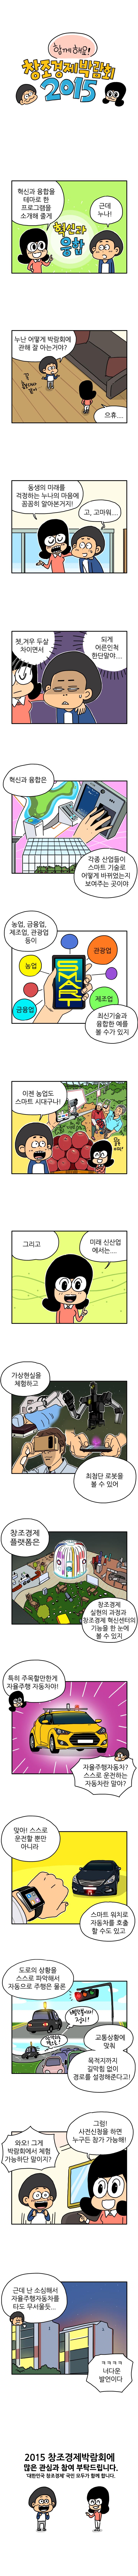 2015 창조경제박람회 홍보웹툰 3화